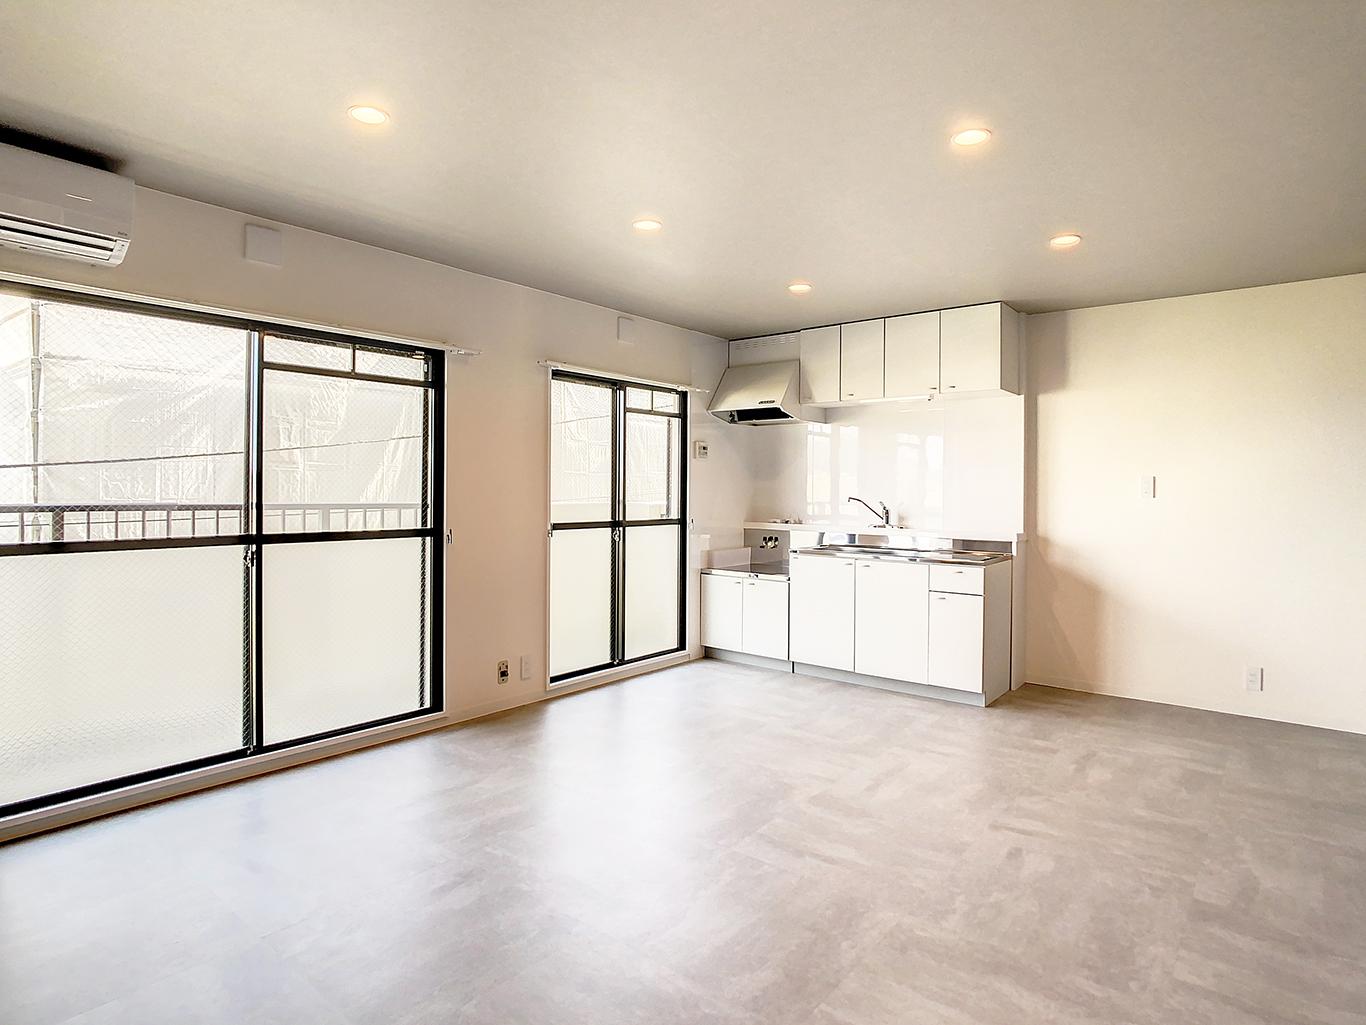 白一色のキッチンがシンプルながらも洗練された空間を演出してくれます。